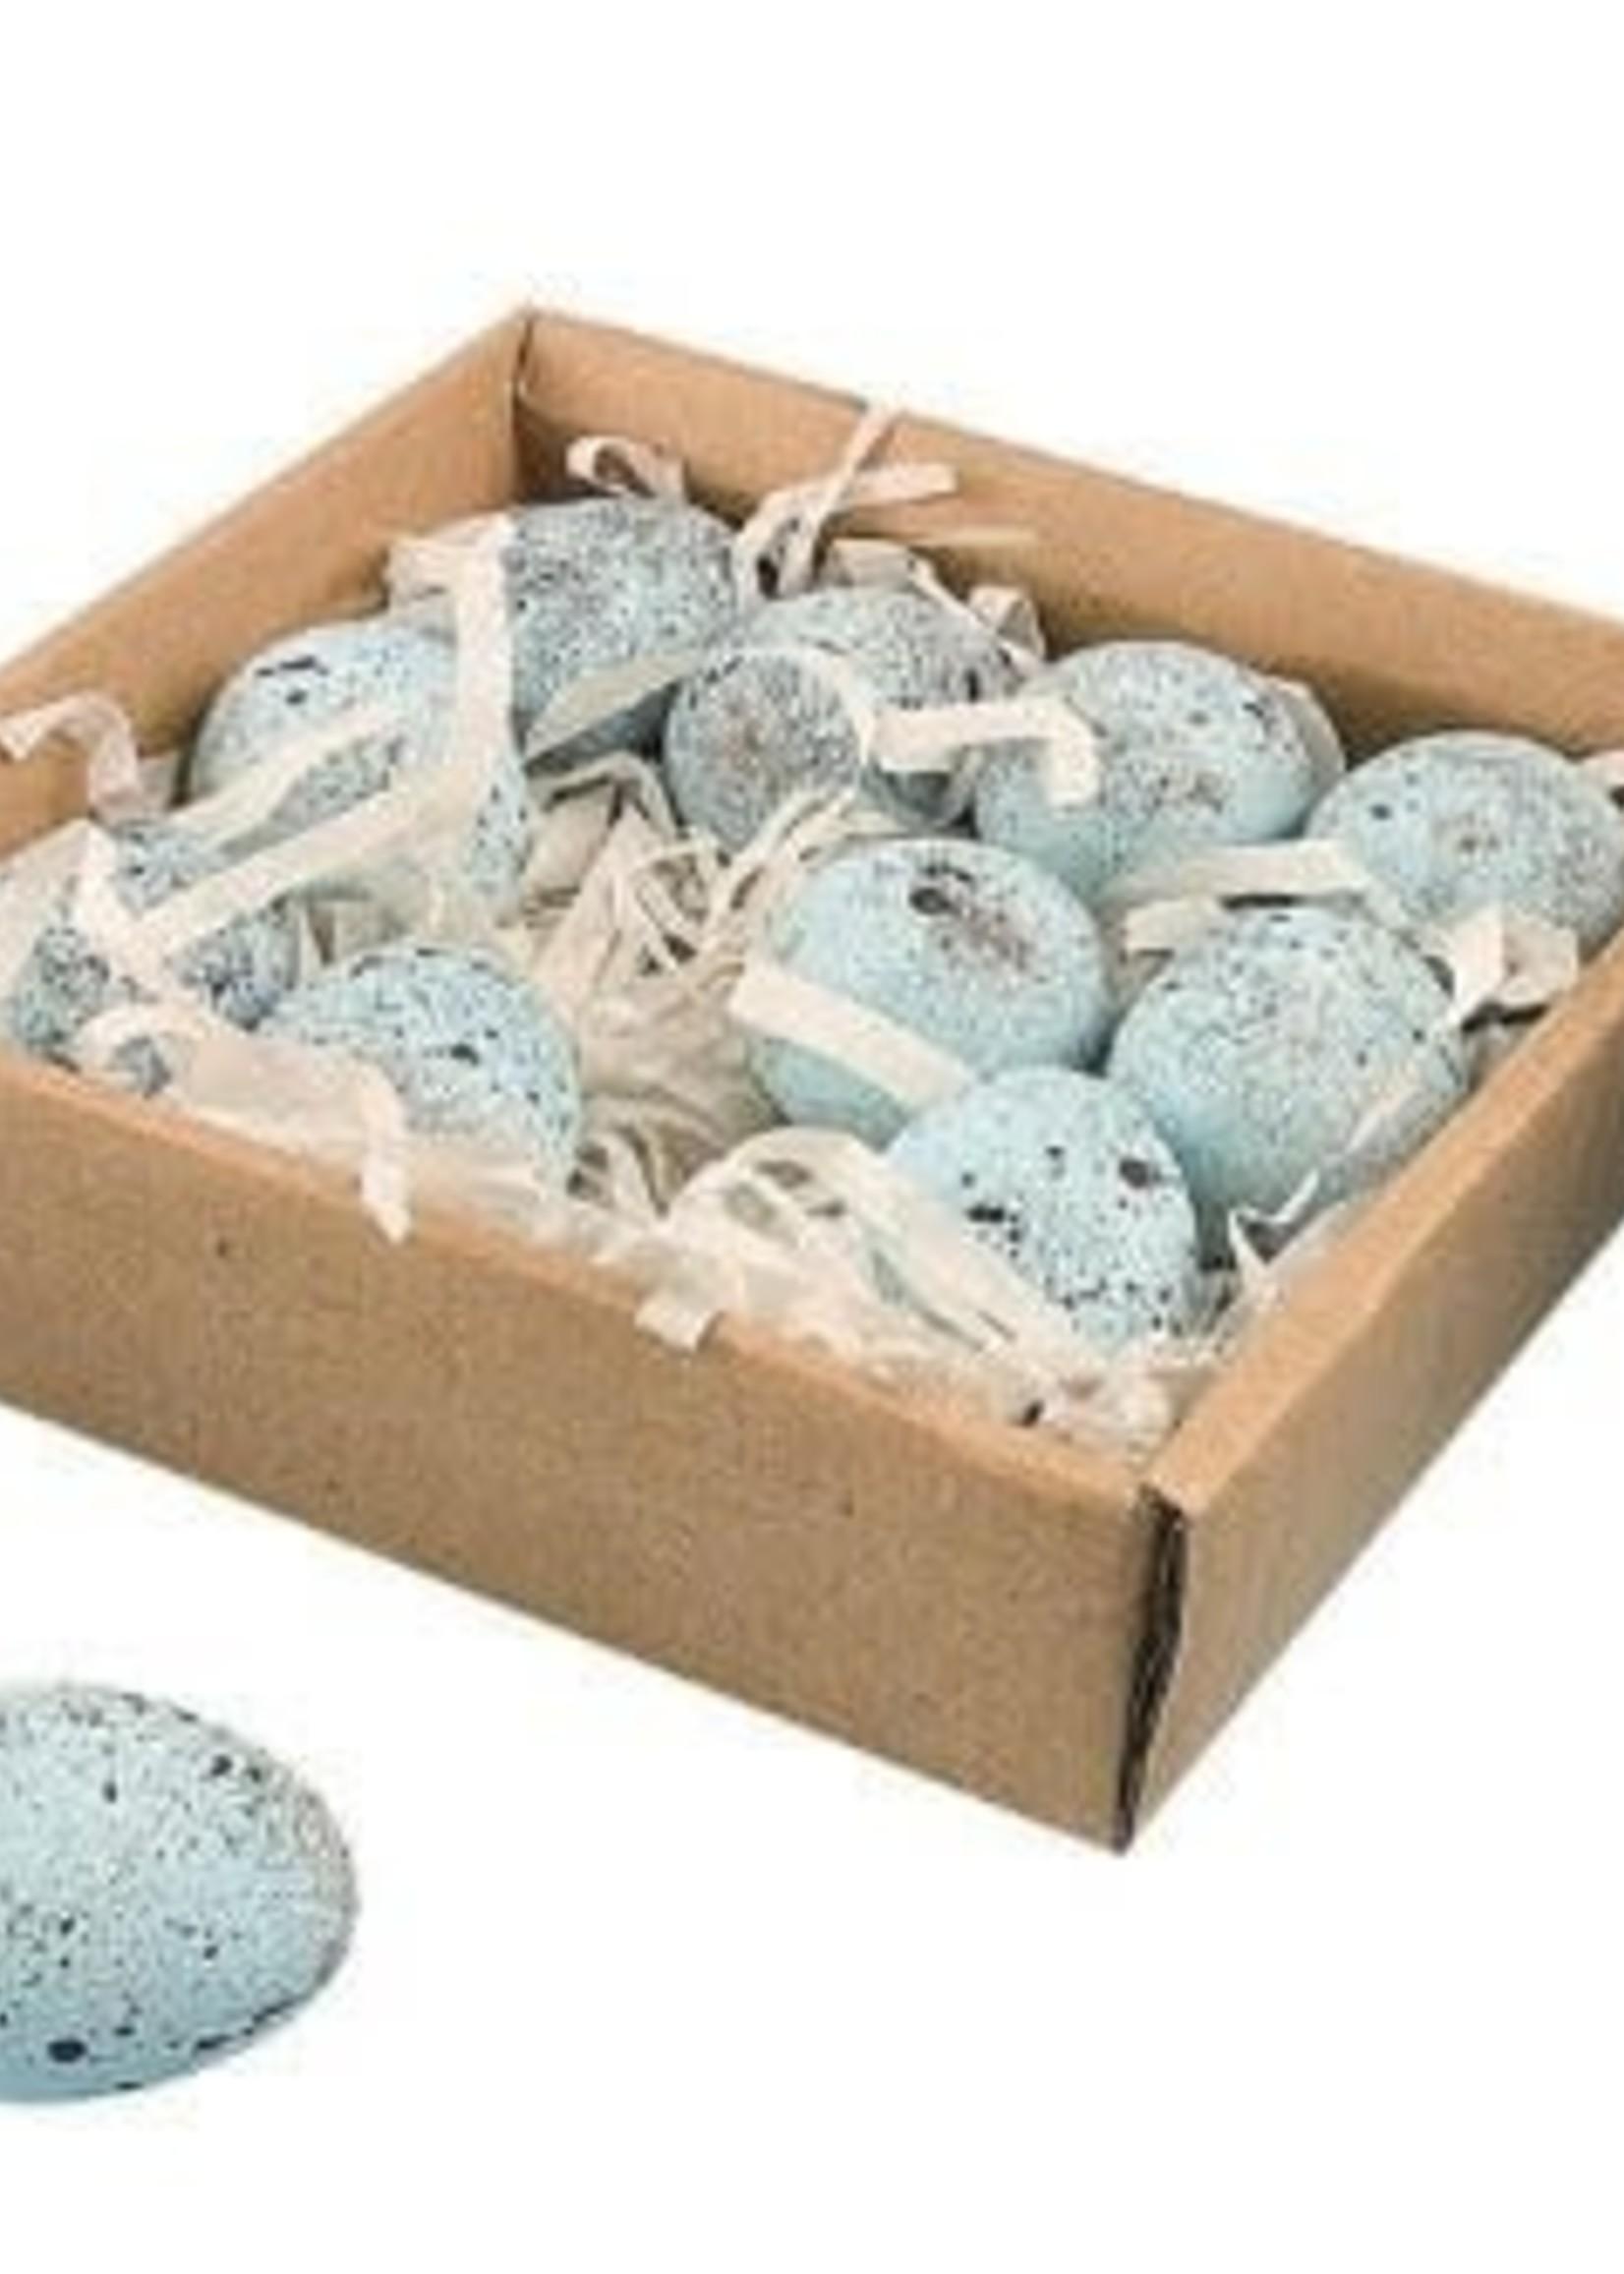 Ceramic Eggs Boxed Set Of 12